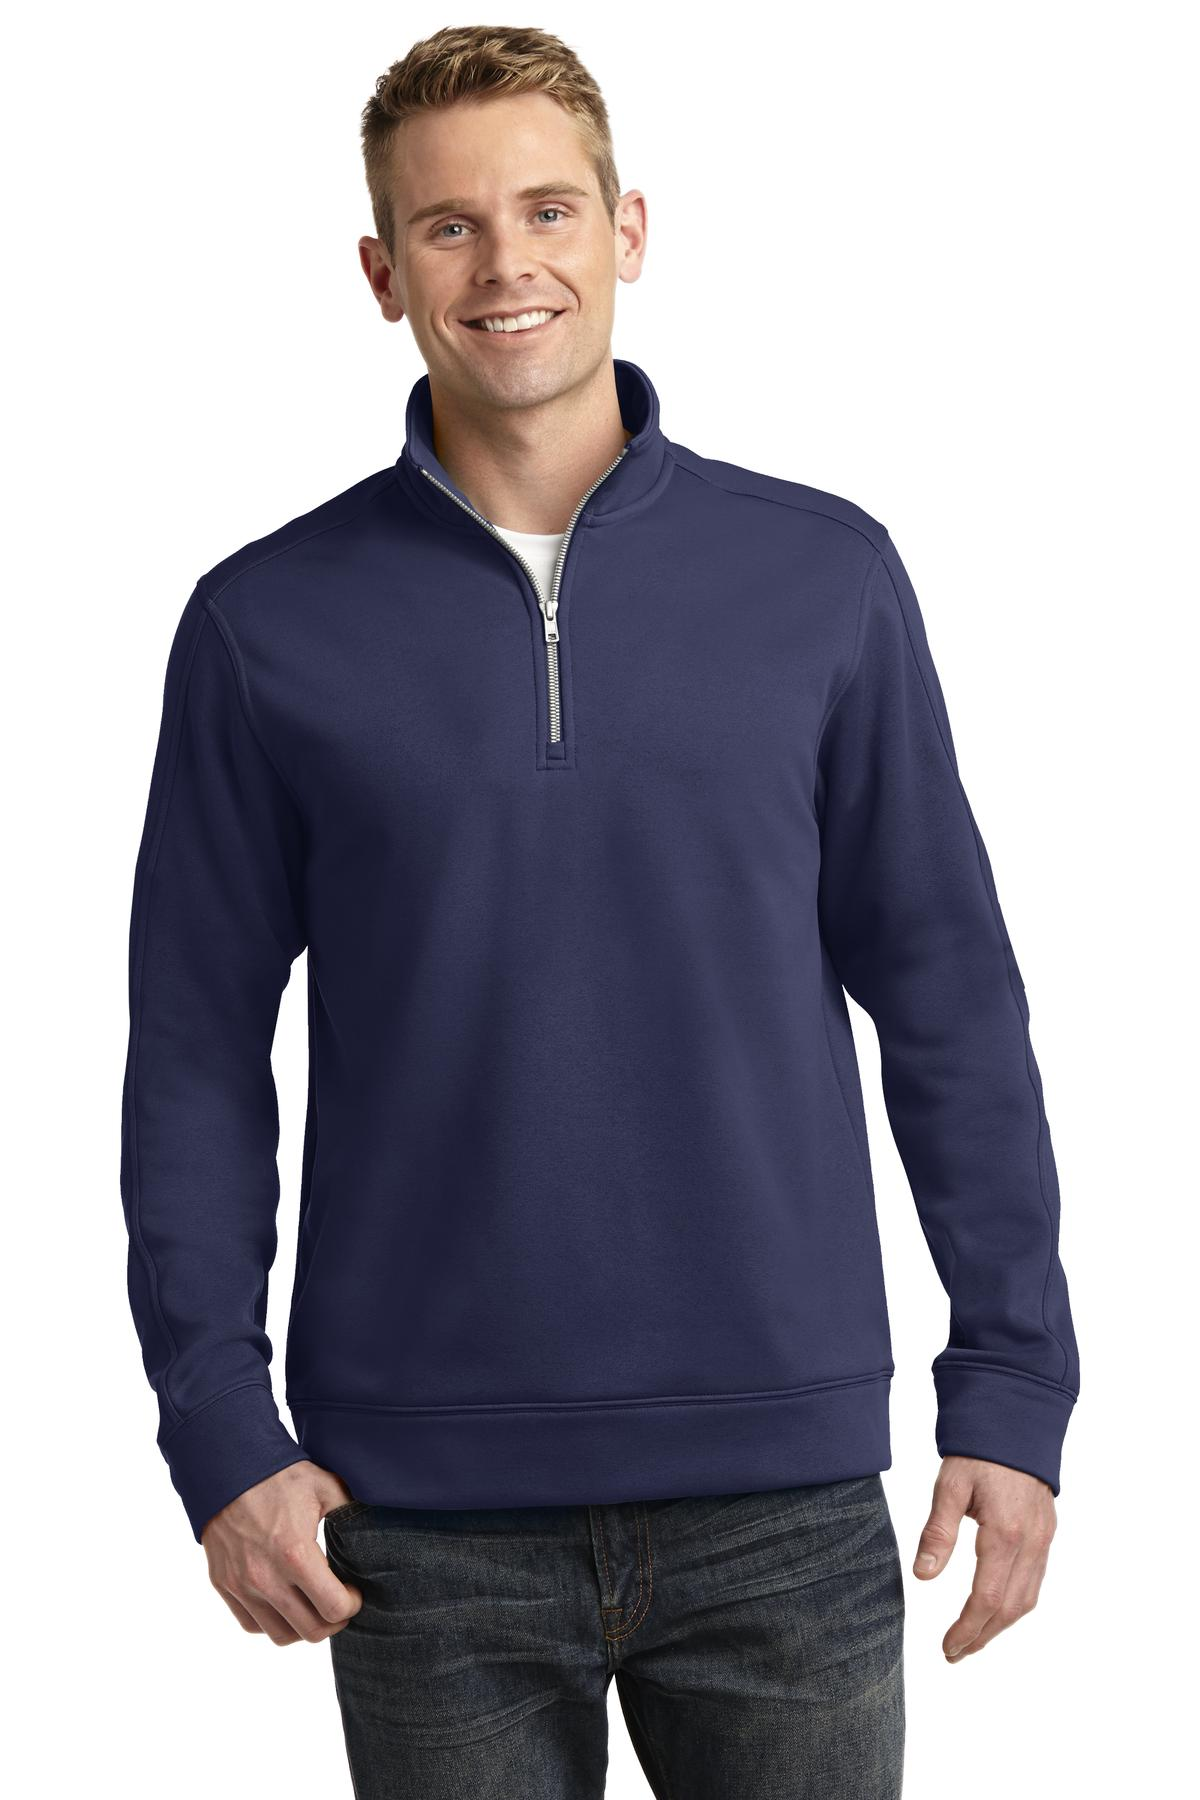 Sweatshirts-Fleece-Half-Quarter-Zip-10